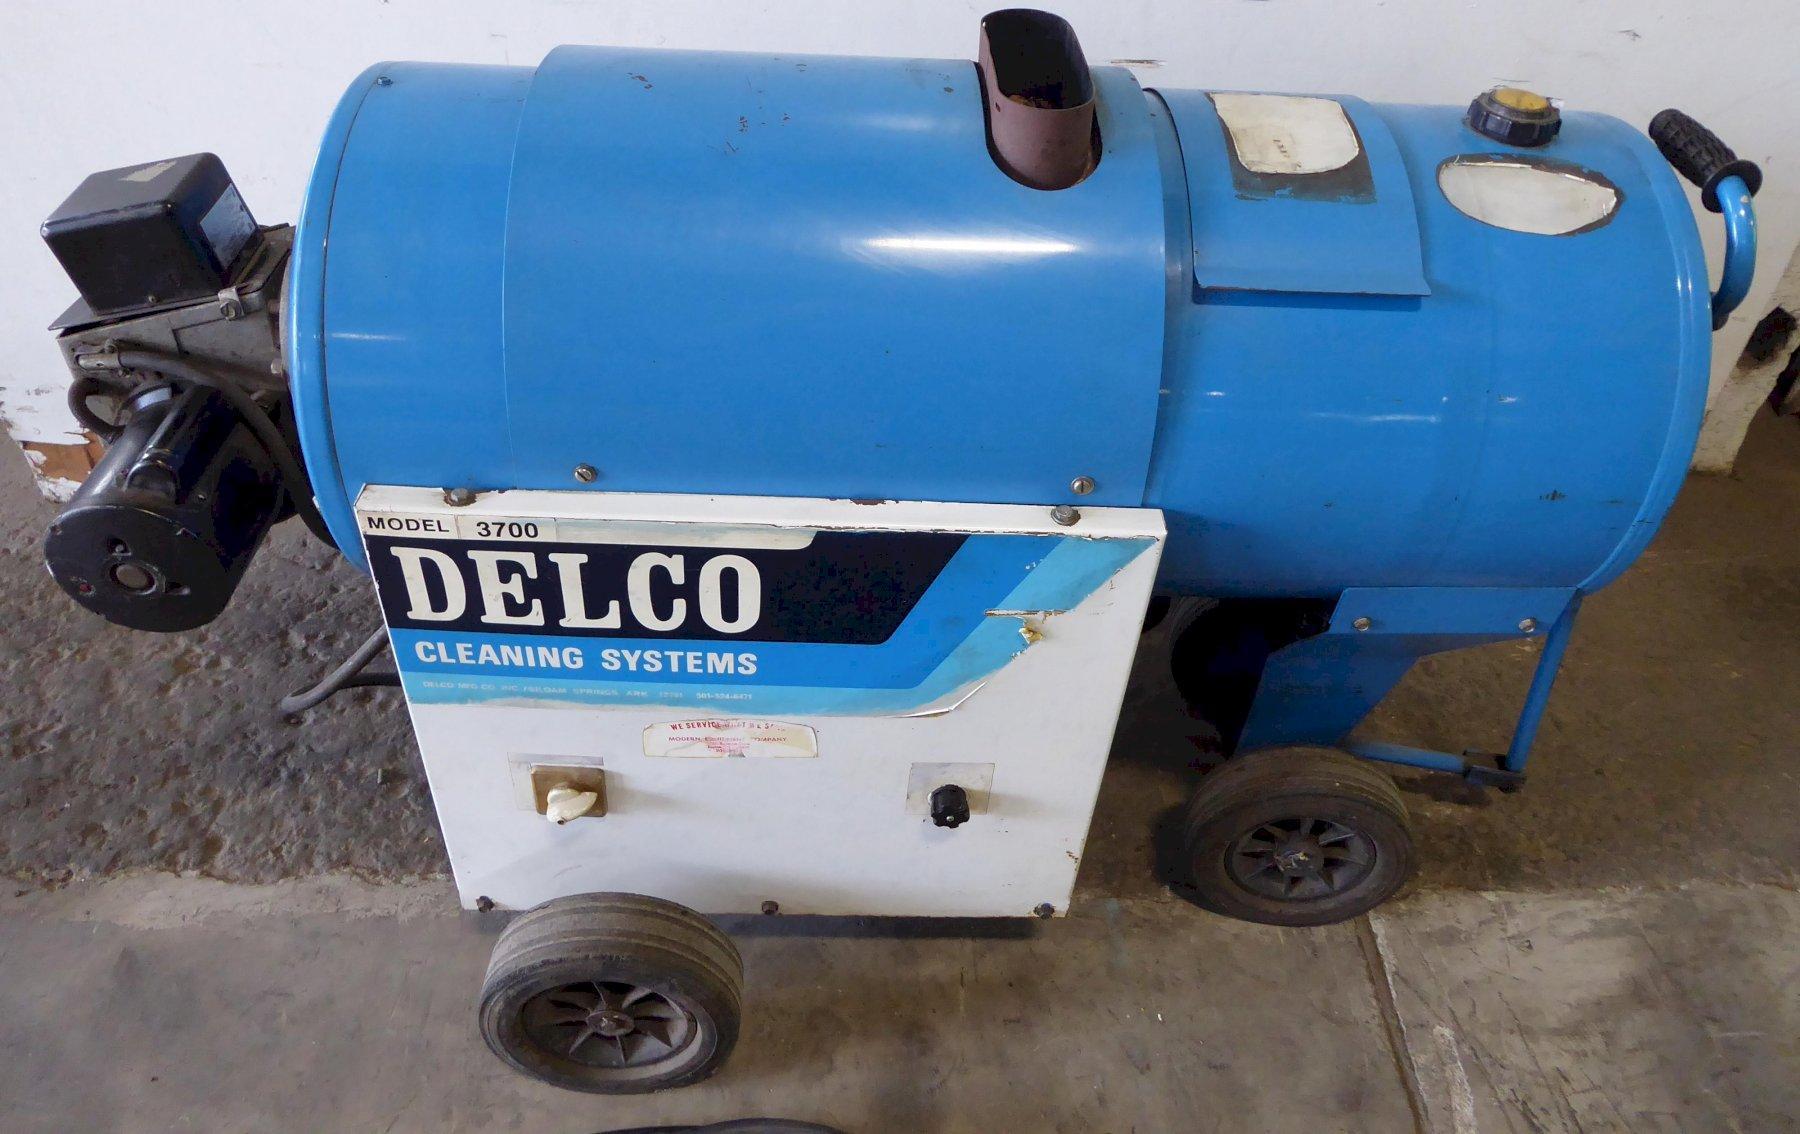 Delco Pressure Washer Model 3700, Heated, Portable